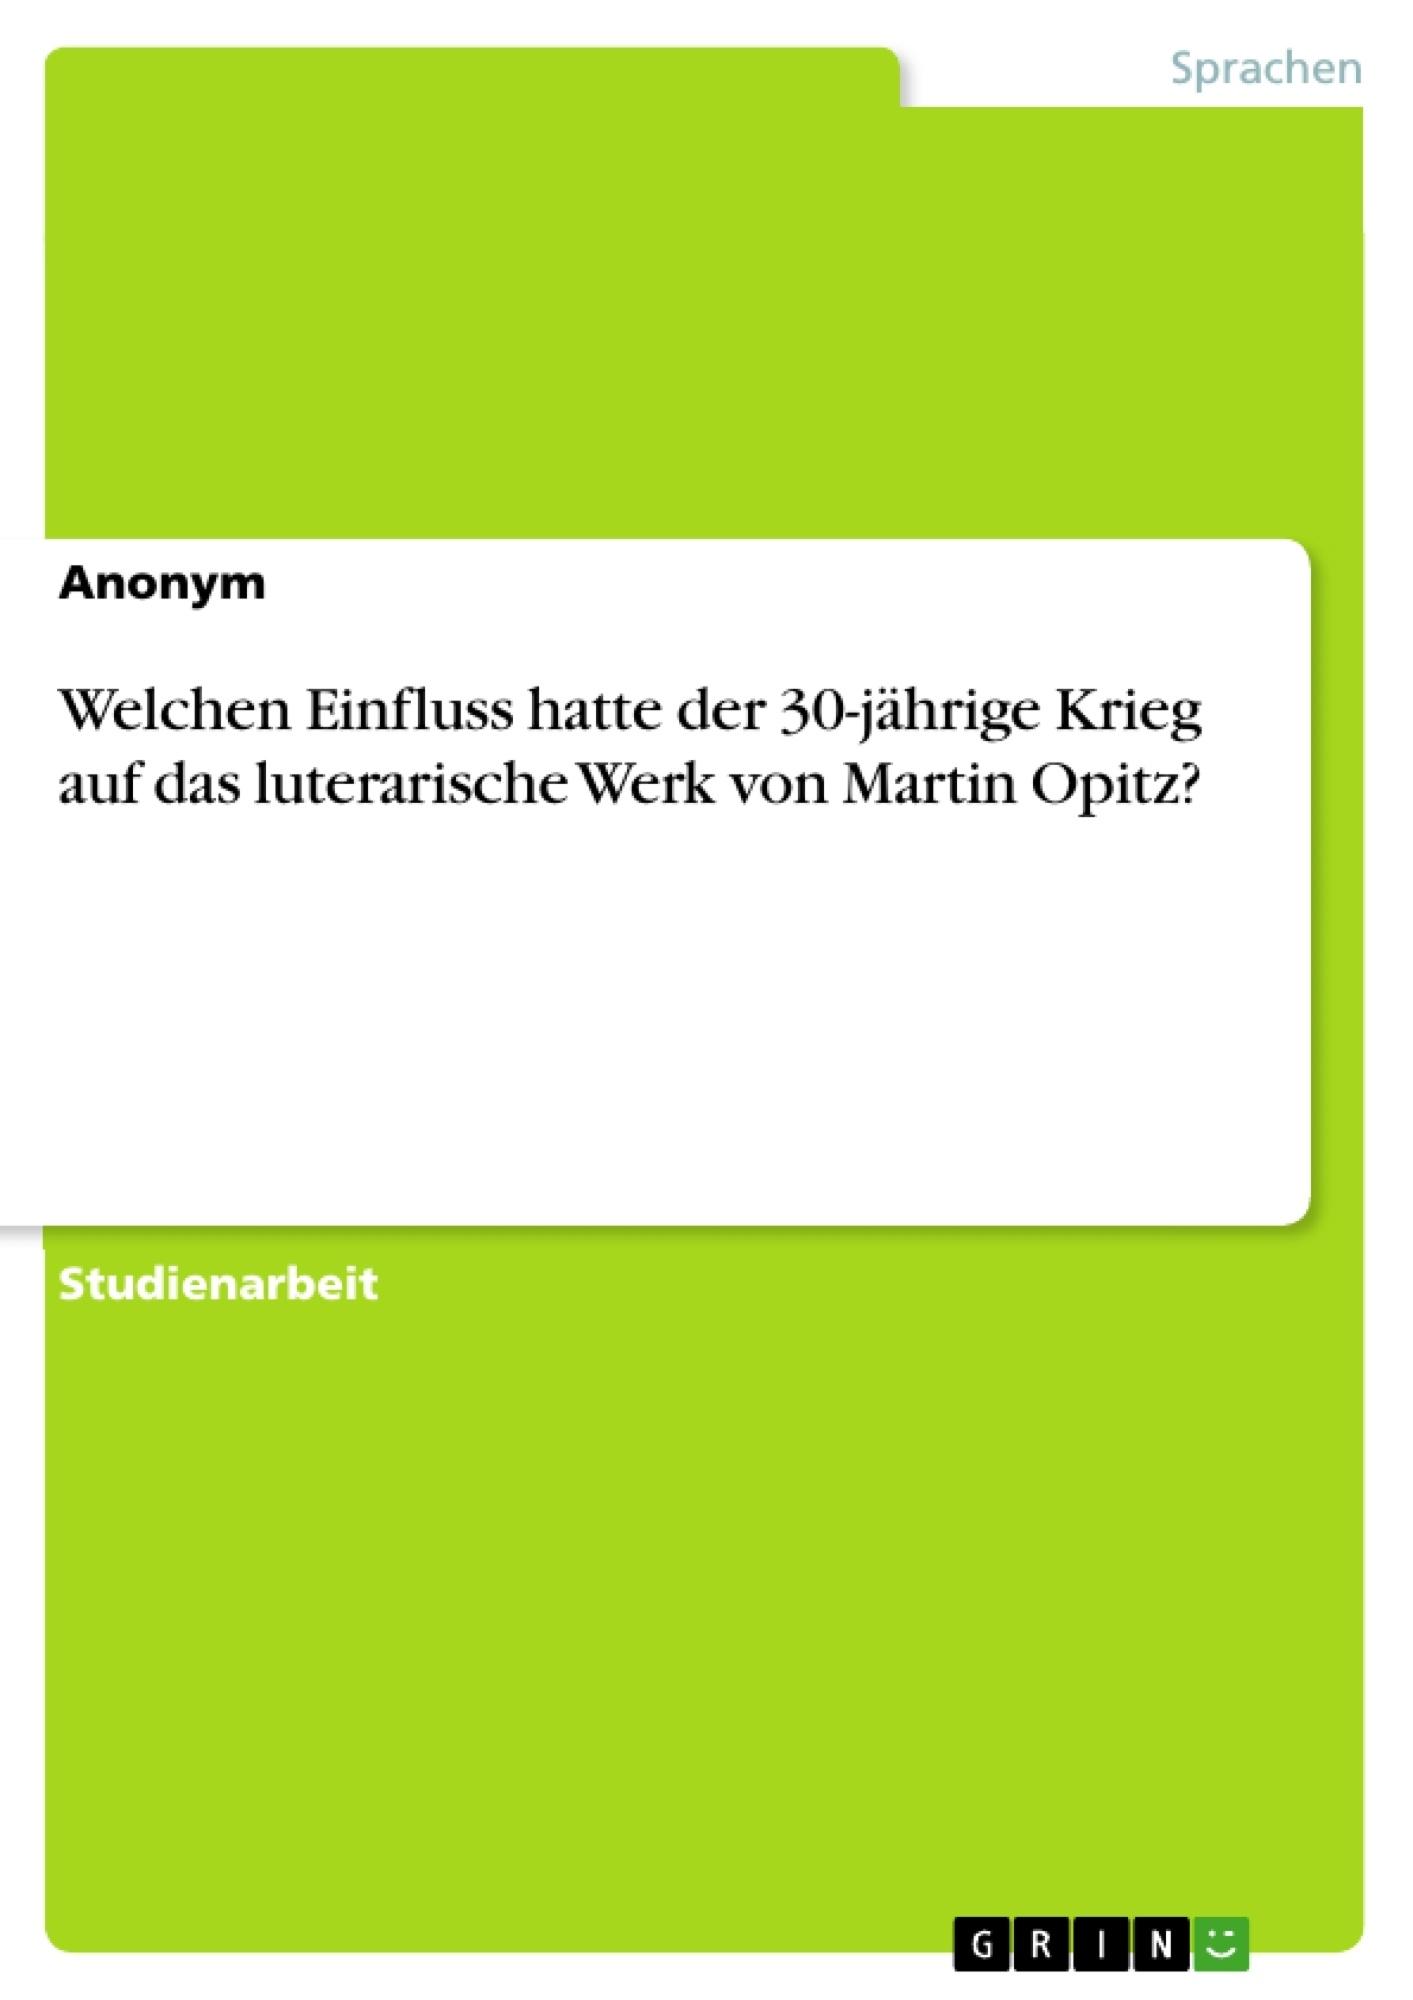 Titel: Welchen Einfluss hatte der 30-jährige Krieg auf das luterarische Werk von Martin Opitz?